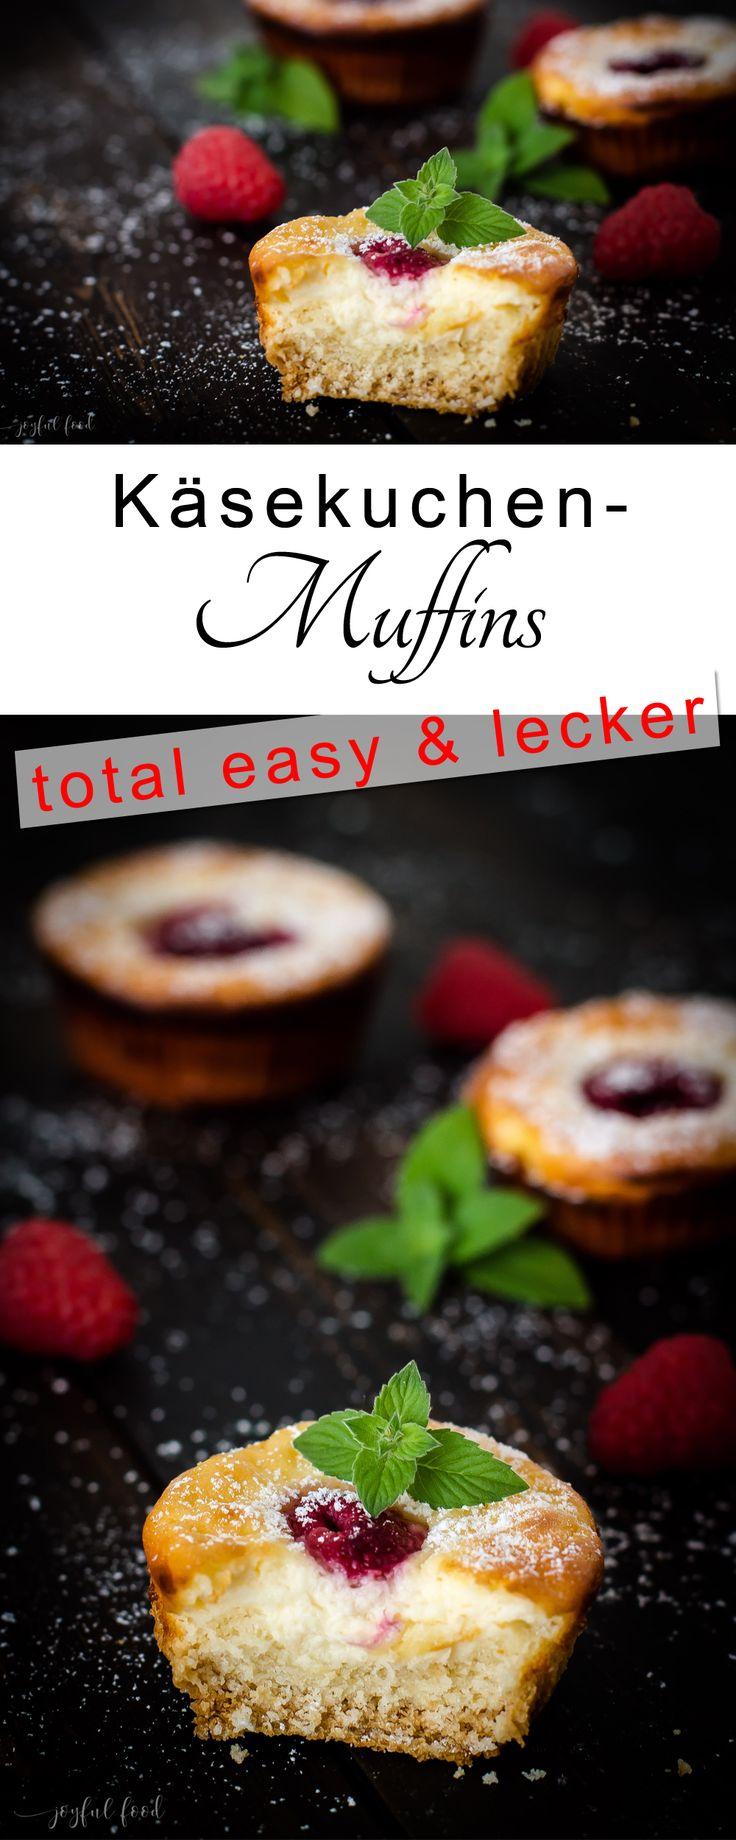 Die besten 25+ Käsekuchen muffins Ideen auf Pinterest | Käsekuchen ...